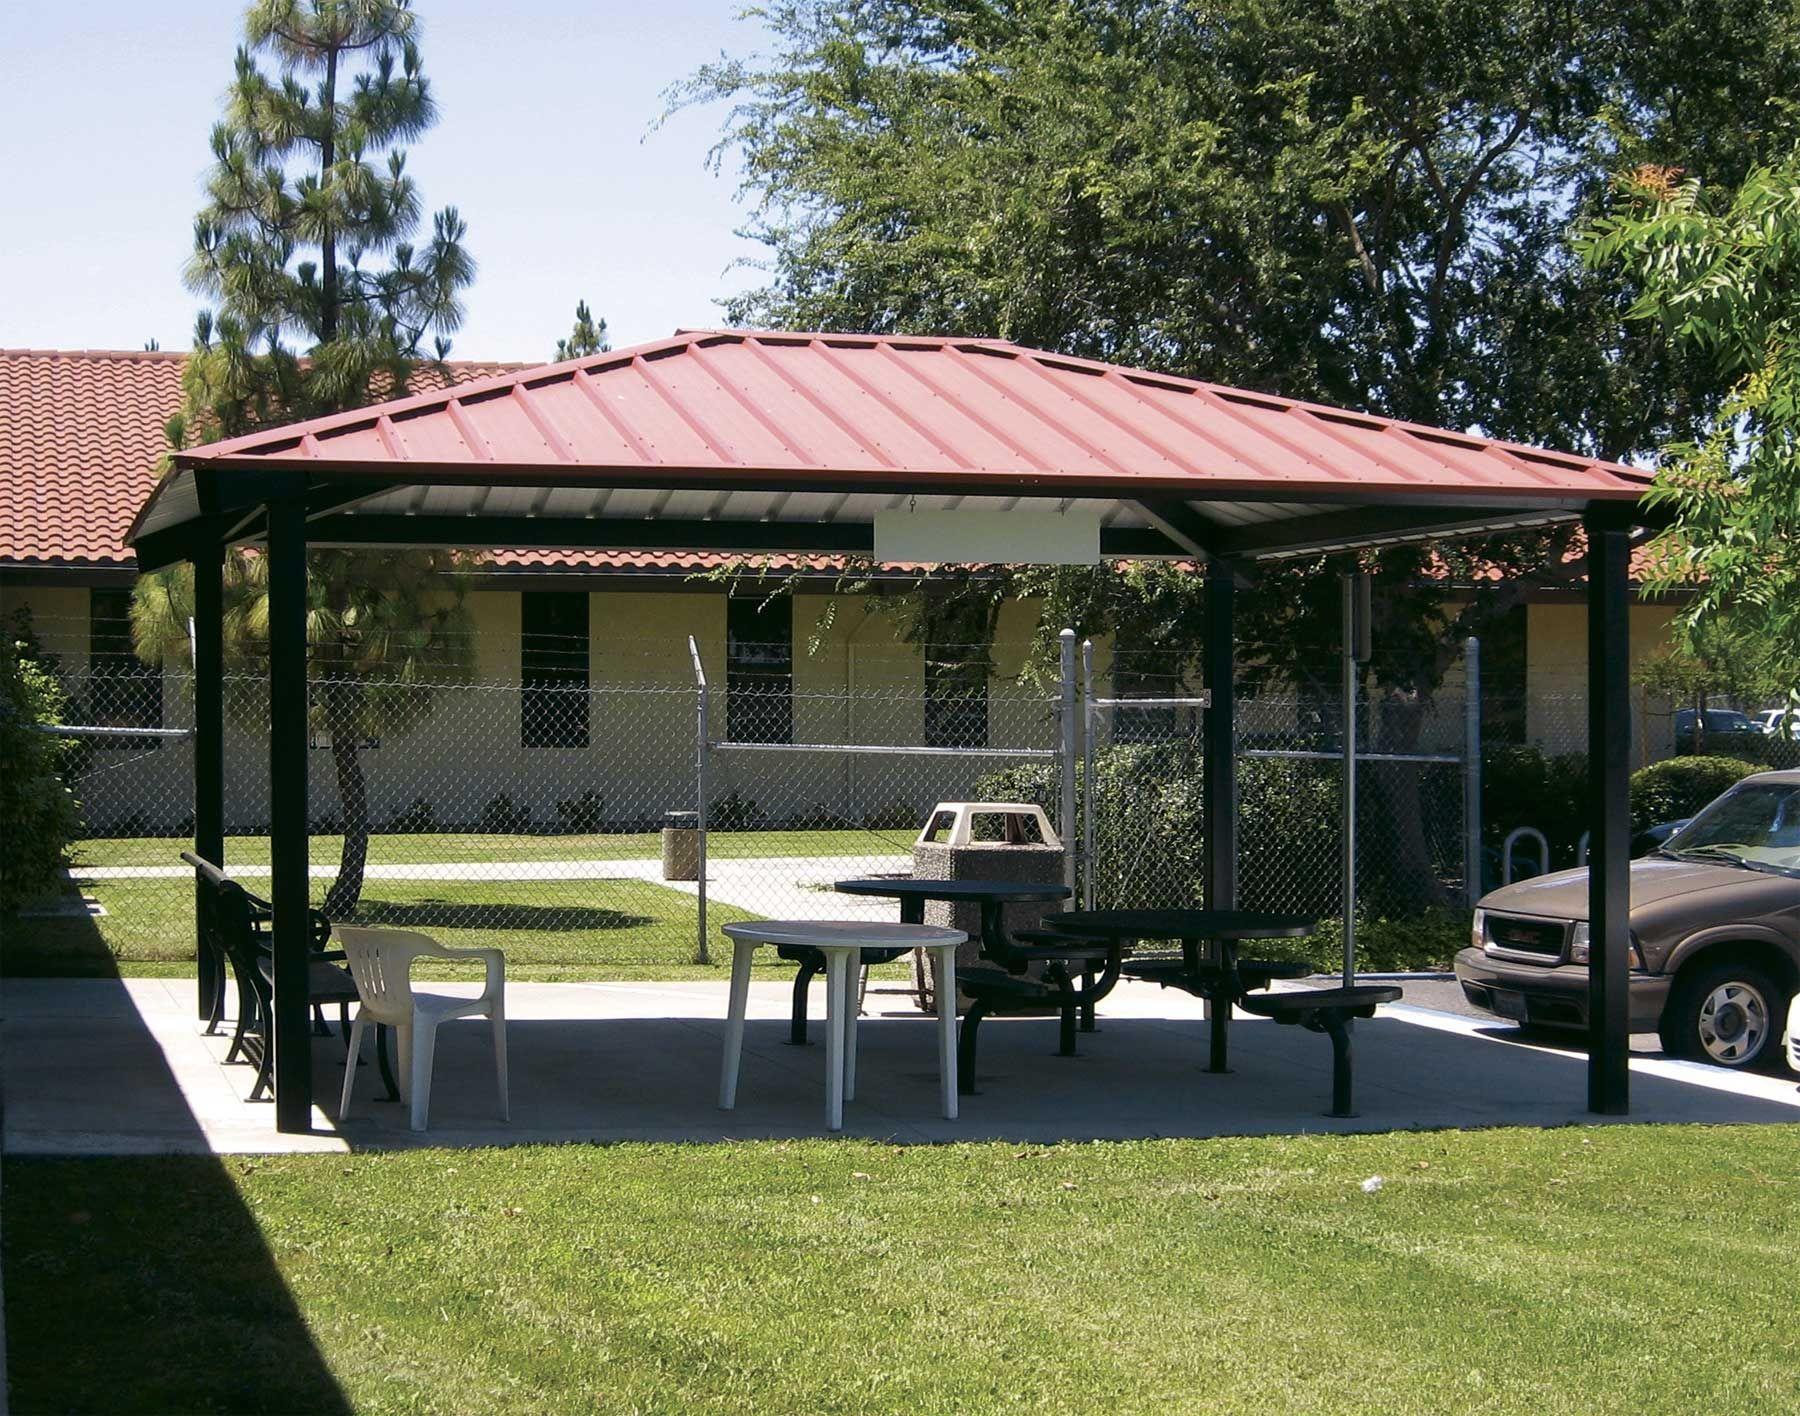 Metal Roof Gazebo Plans Backyard Pavilion Gazebo Roof Gazebo Plans